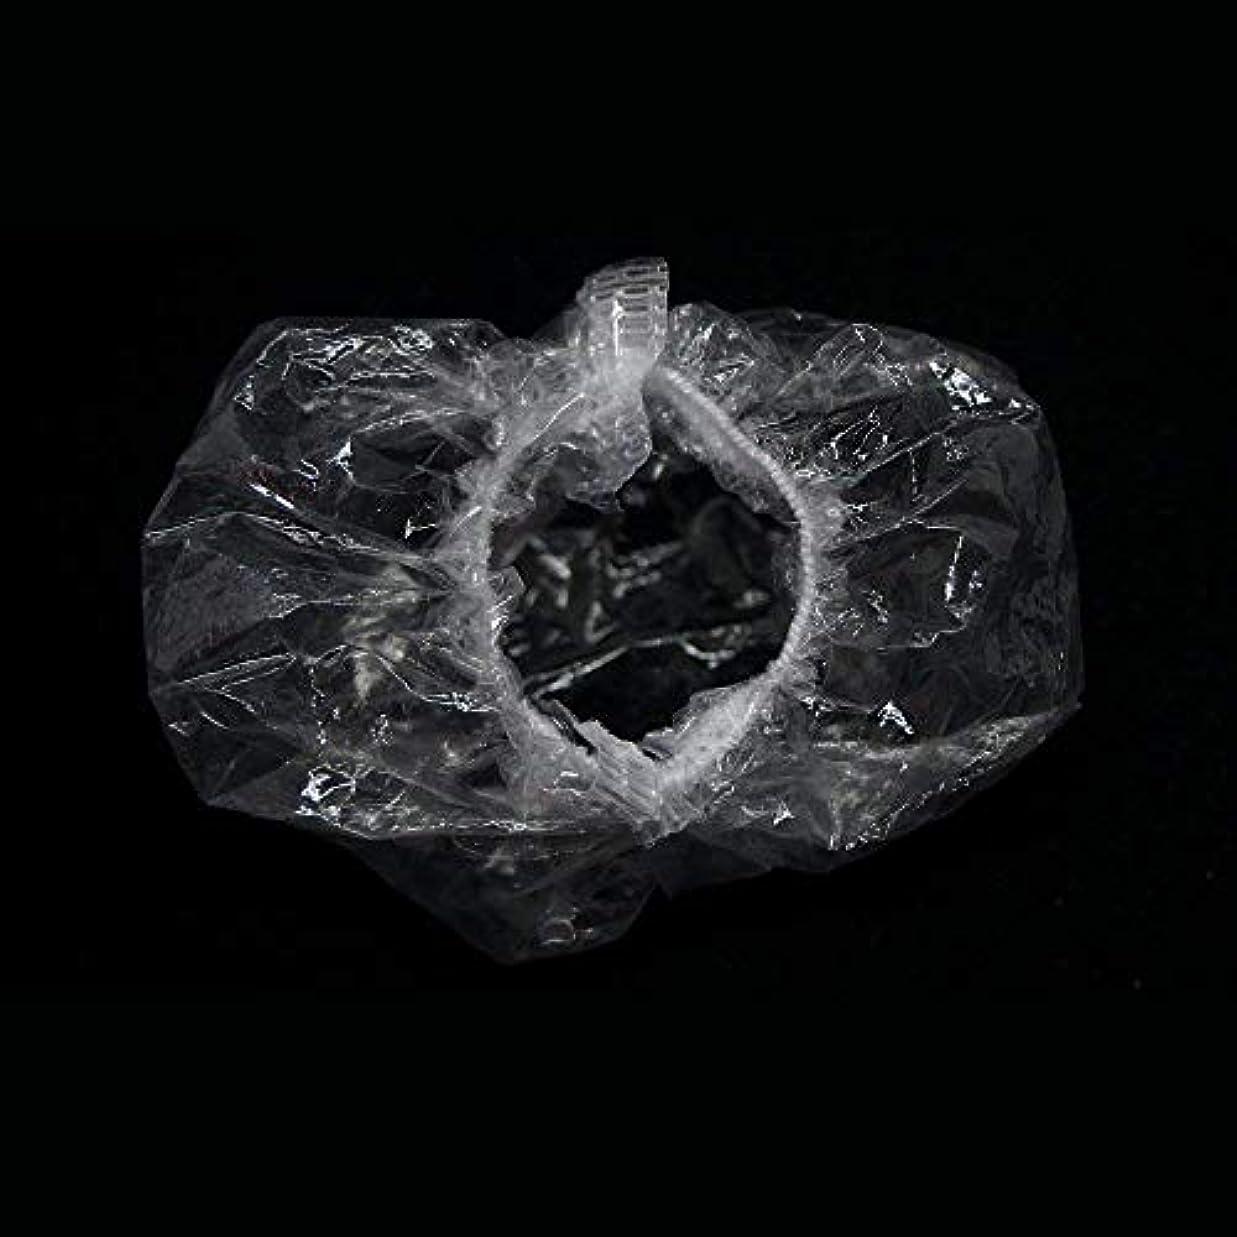 怒り効果的に線形250枚セット耳カバー 毛染め 使い捨て耳キャップ イヤーキャップ使い捨てで衛生的にお使い頂けます